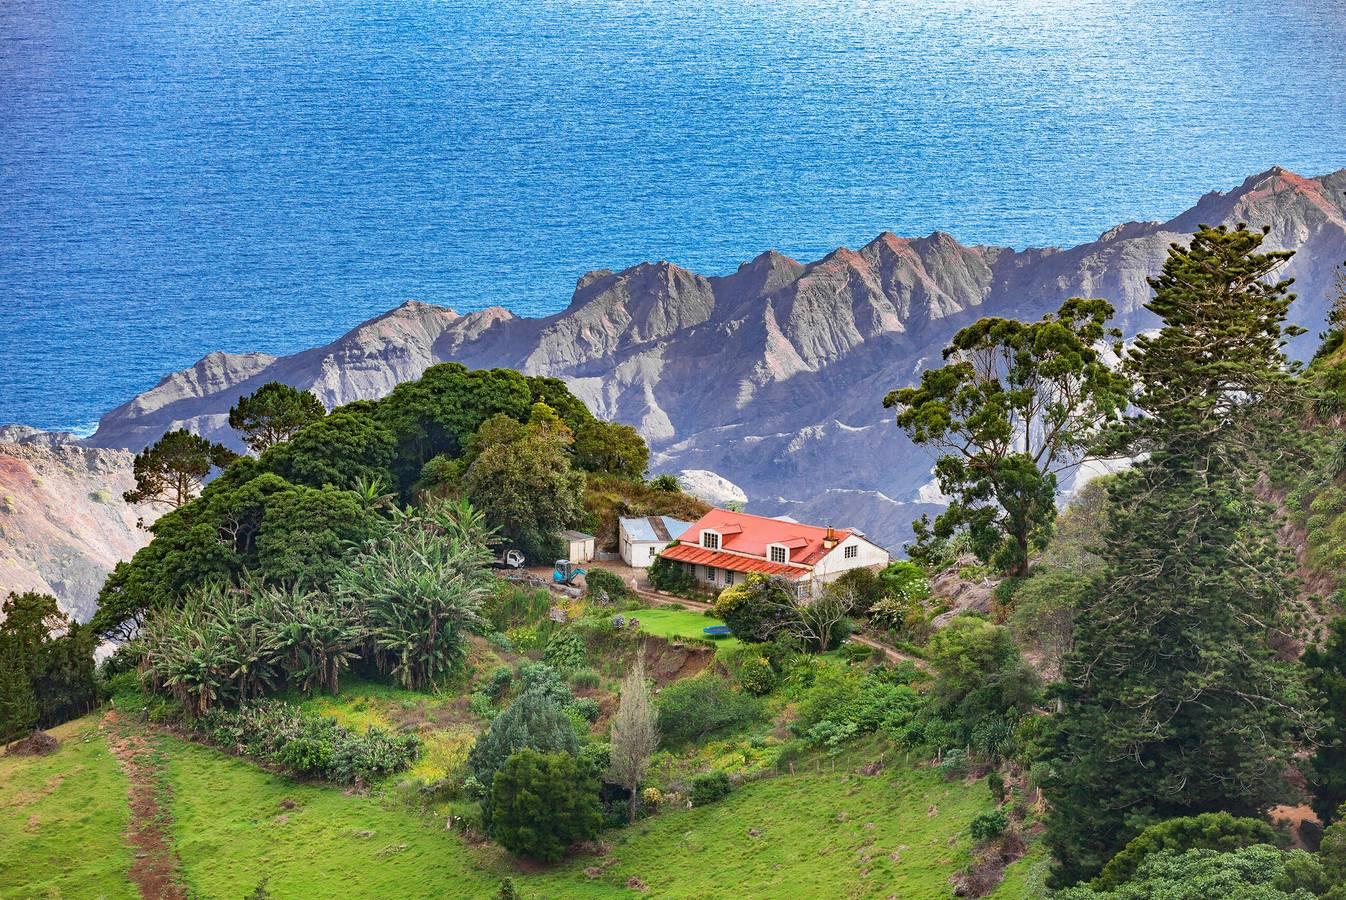 Svätá Helena, Ascension a Tristan da Cunha. Najpodrobnejší turistický sprievodca.